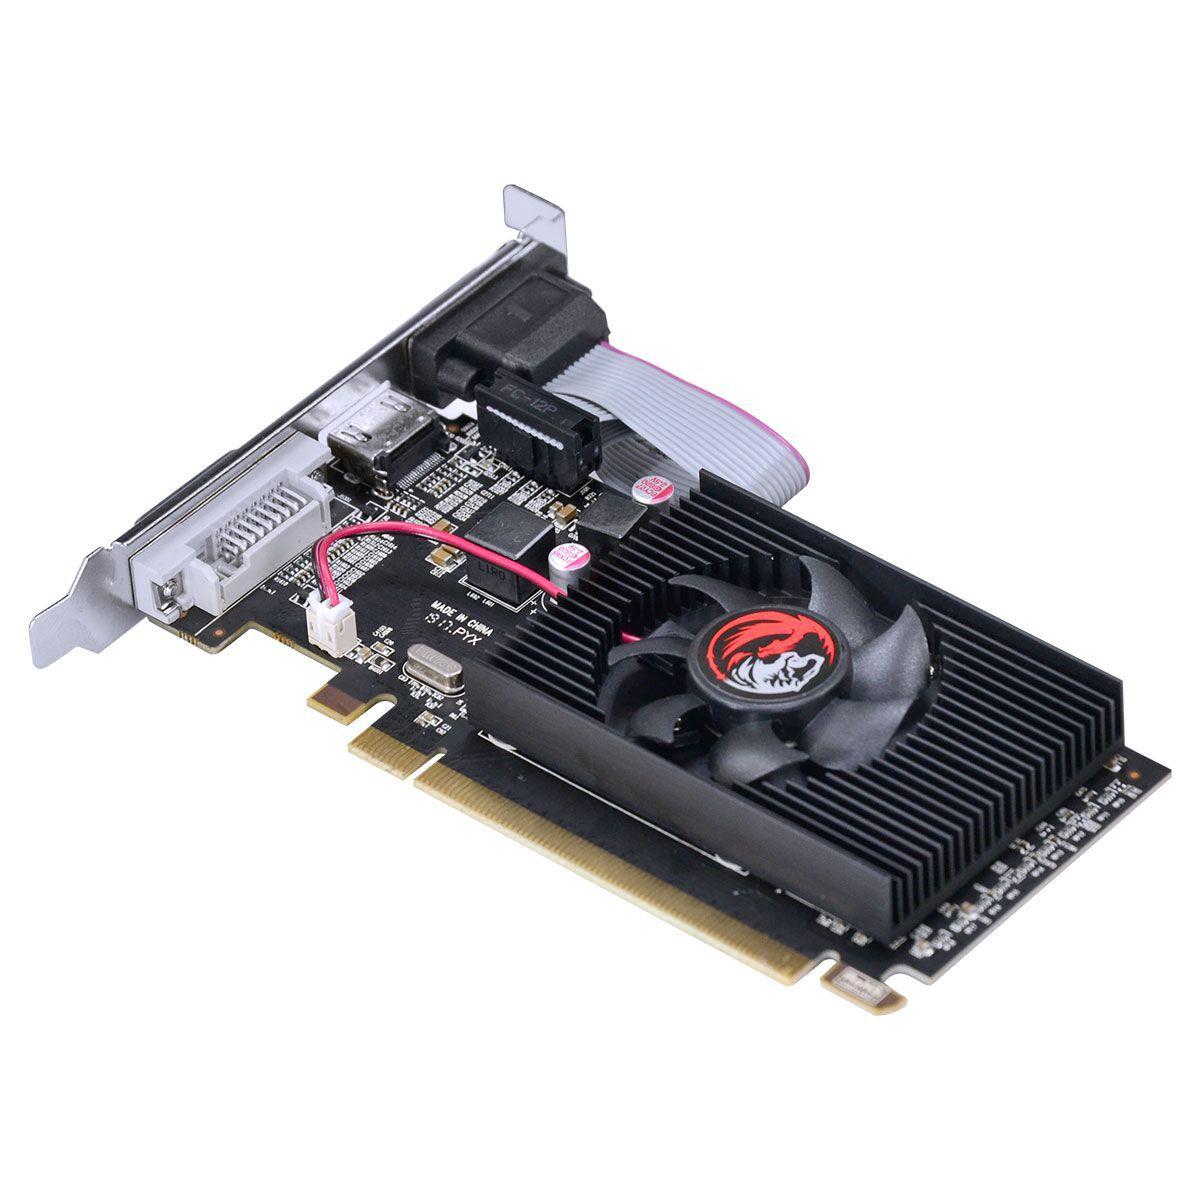 Placa De Video Pcyes Radeon R5 230 2gb Ddr3 Low Profile